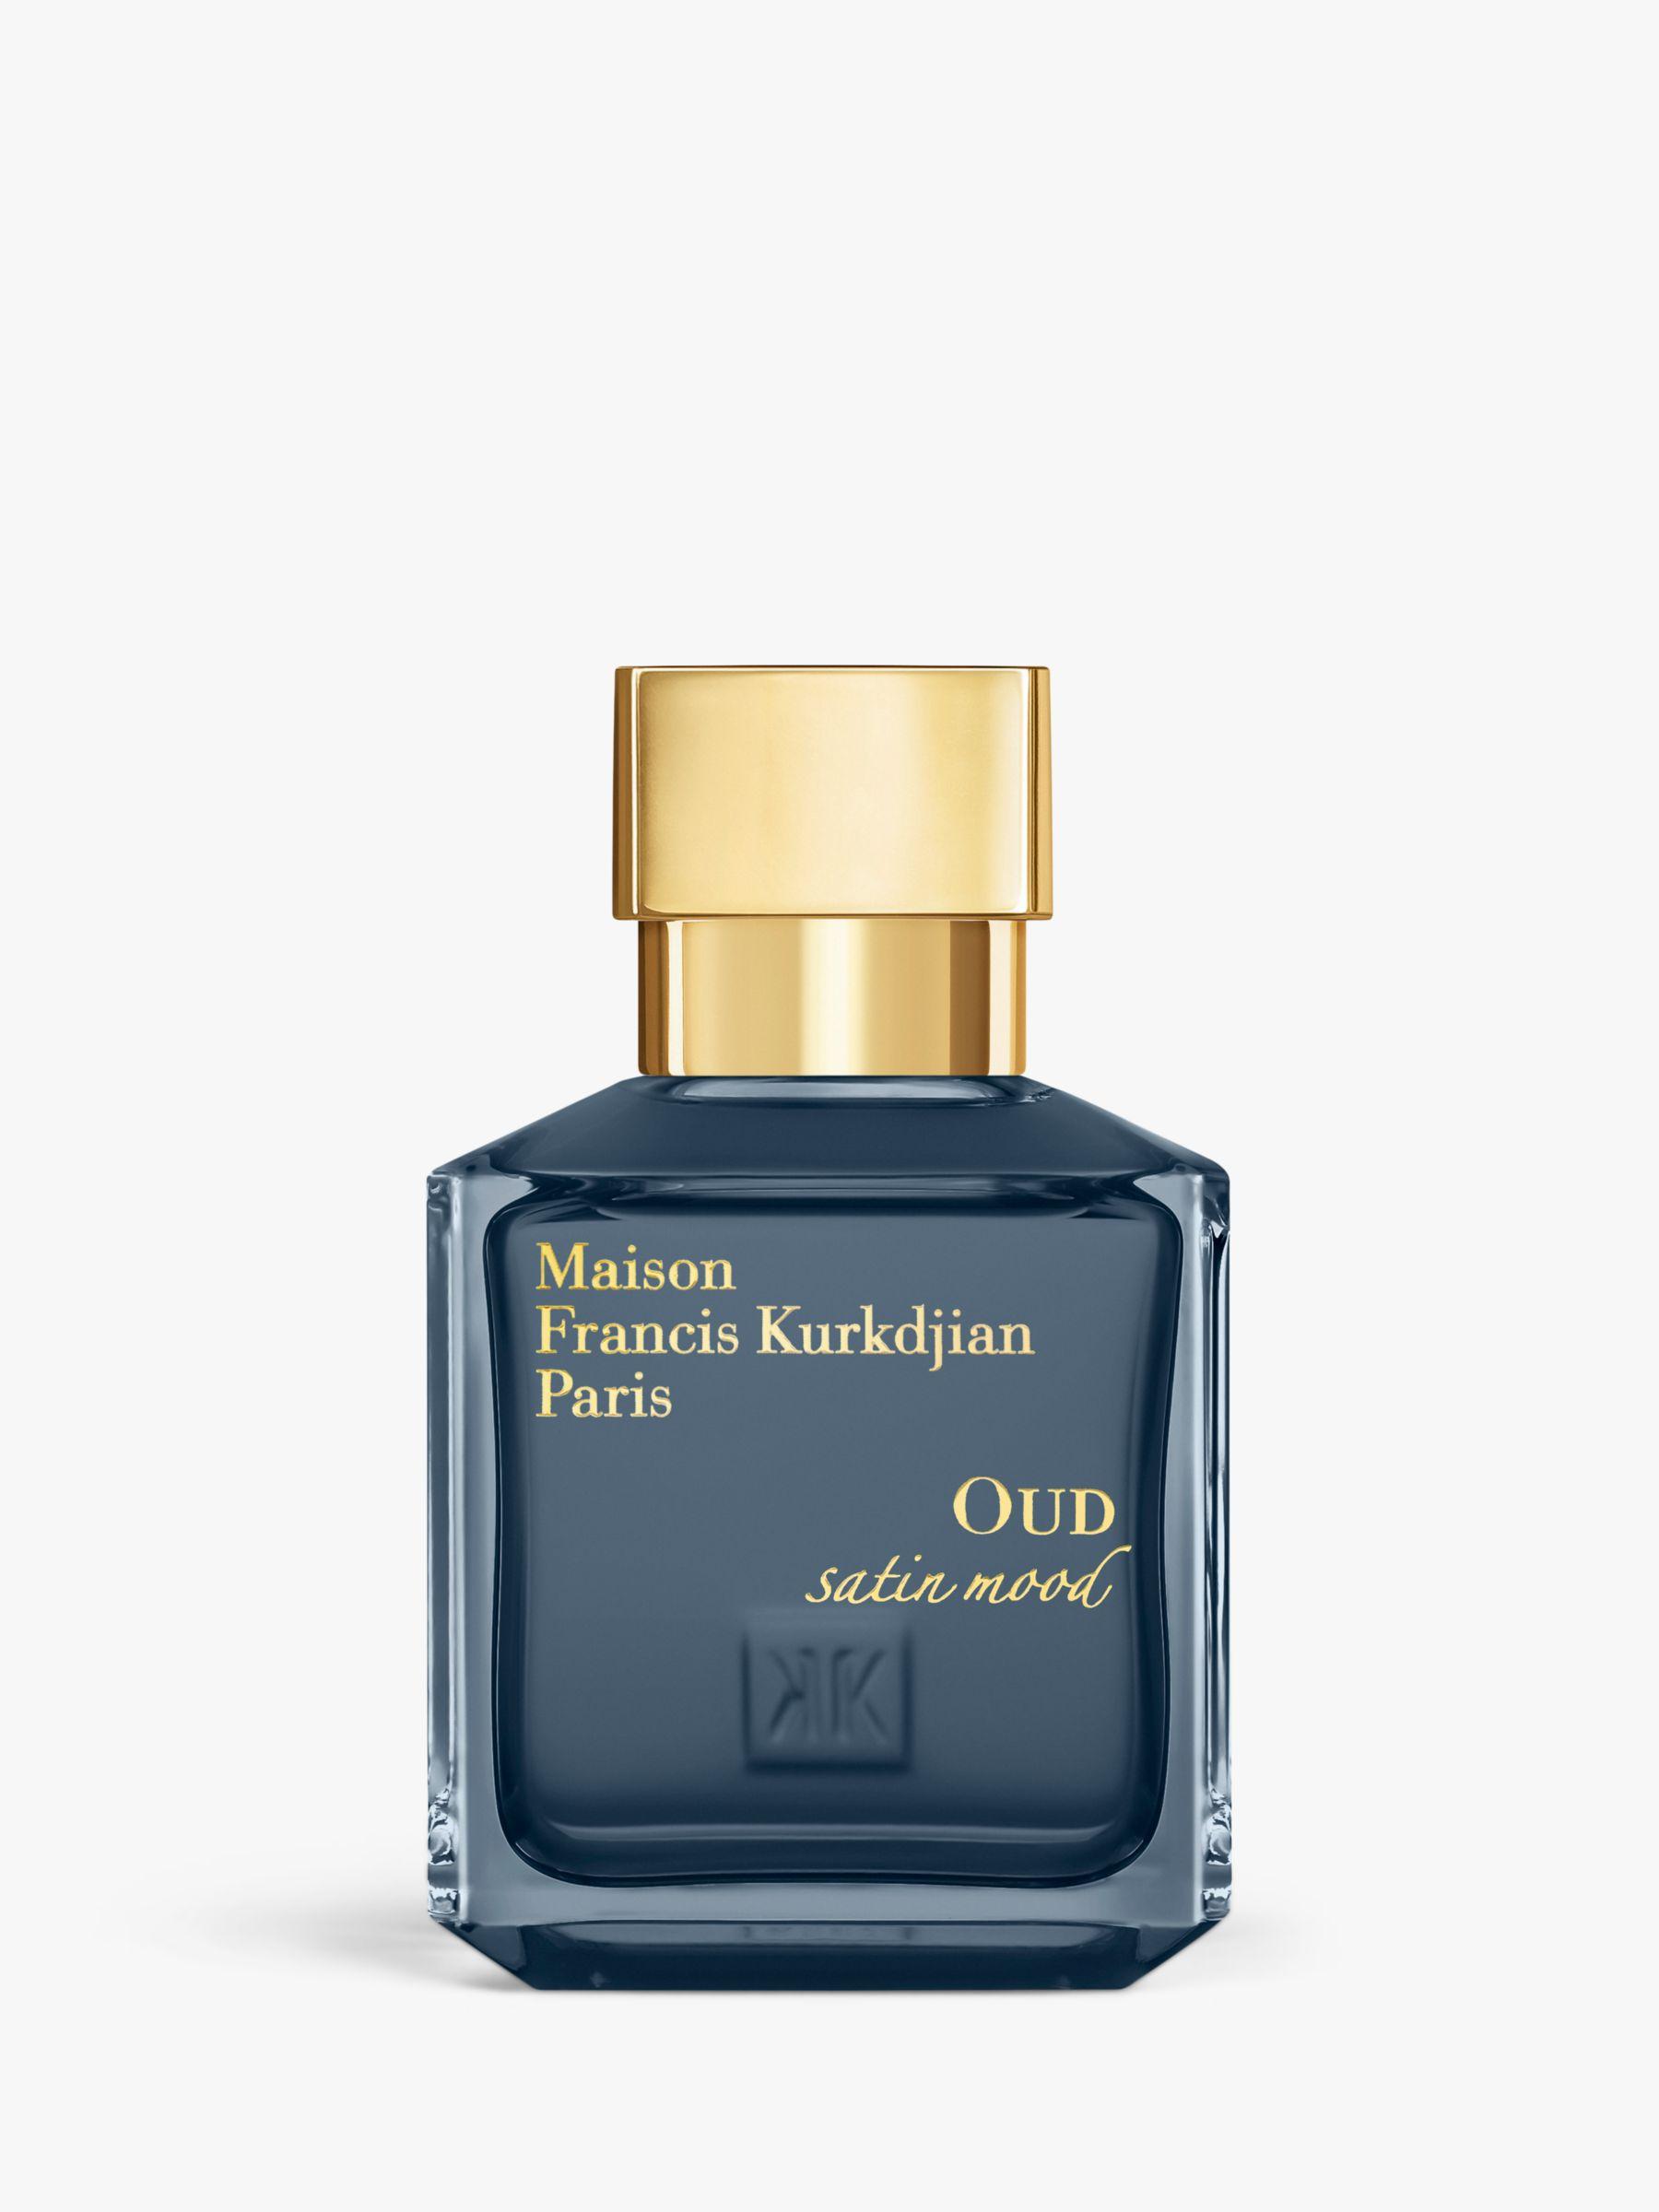 Maison Francis Kurkdjian Maison Francis Kurkdjian Oud Satin Mood Eau de Parfum, 70ml